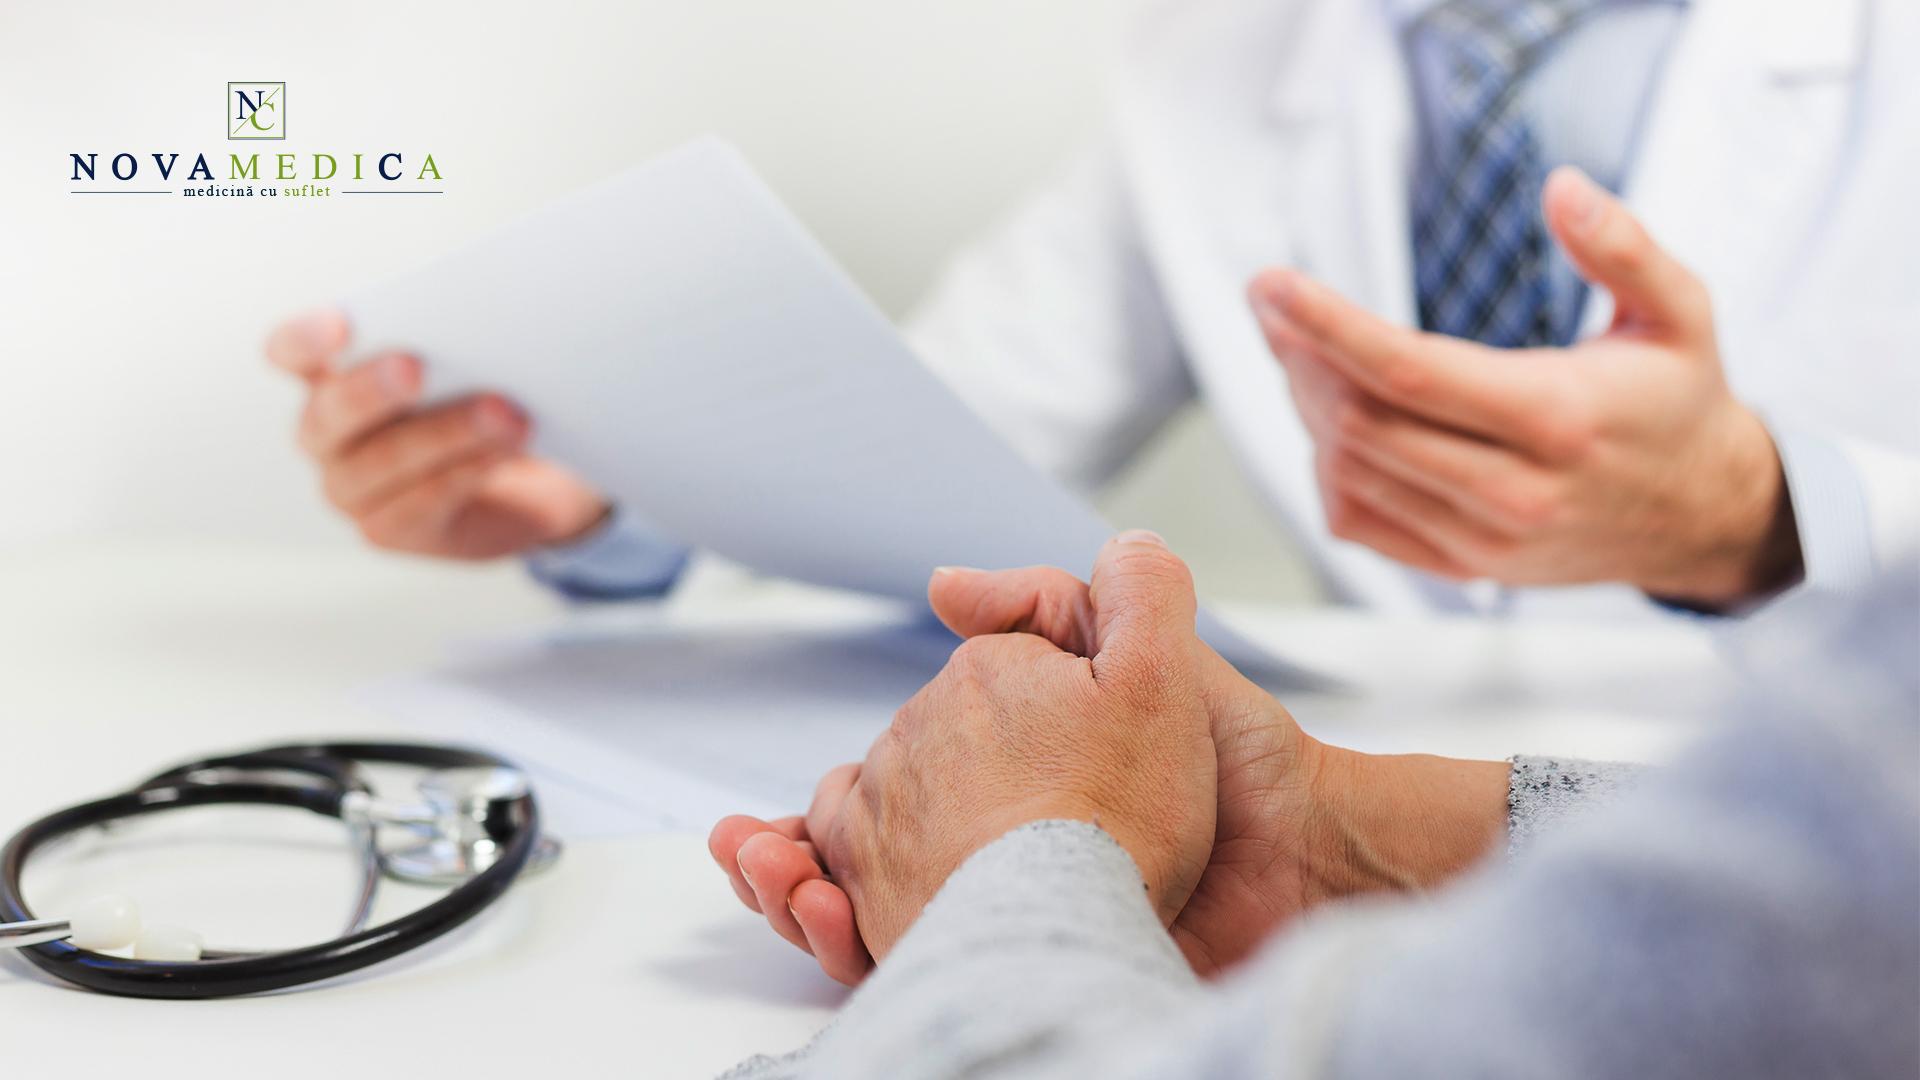 Pregatirea pacientului pentru punctie-biopsie prostatica